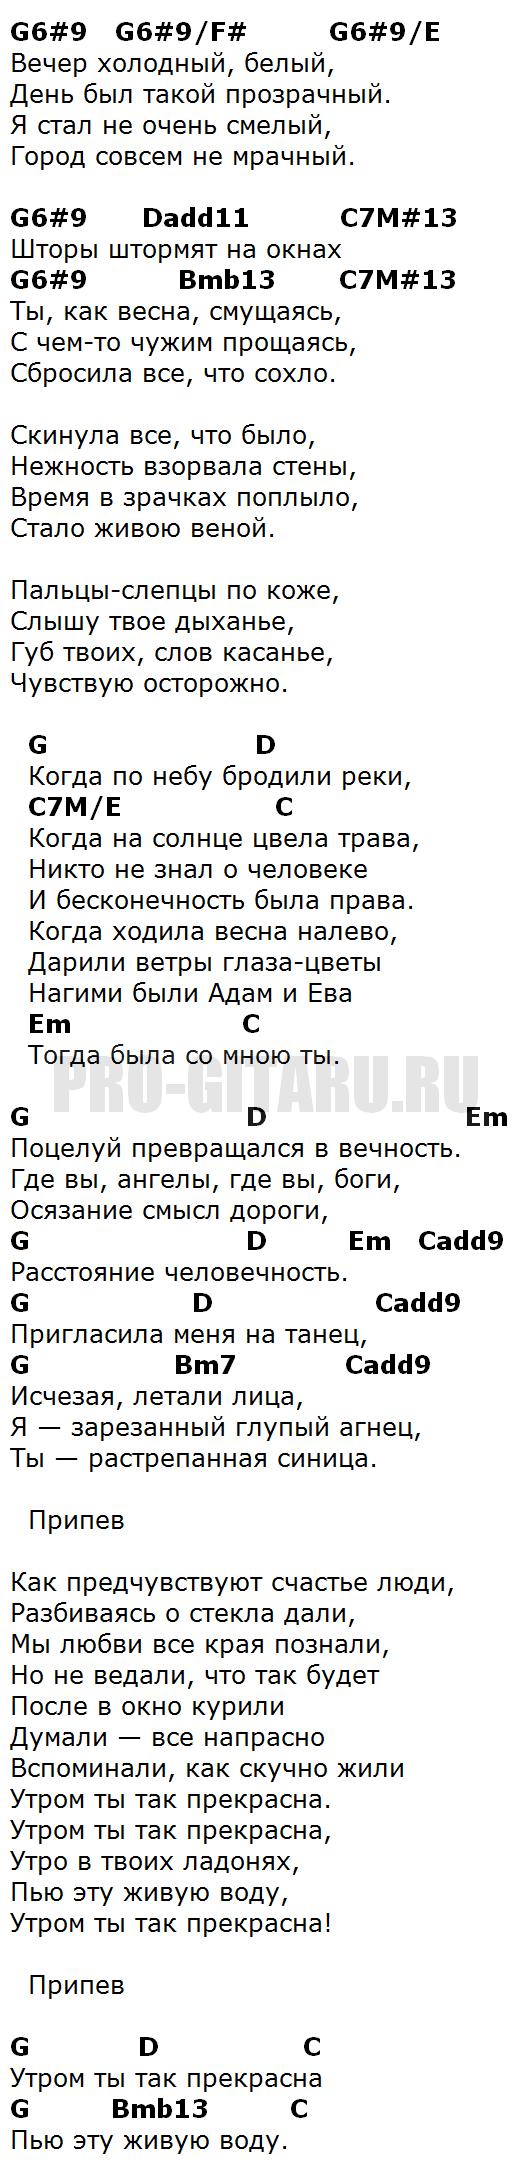 Стихи о девушке дуре